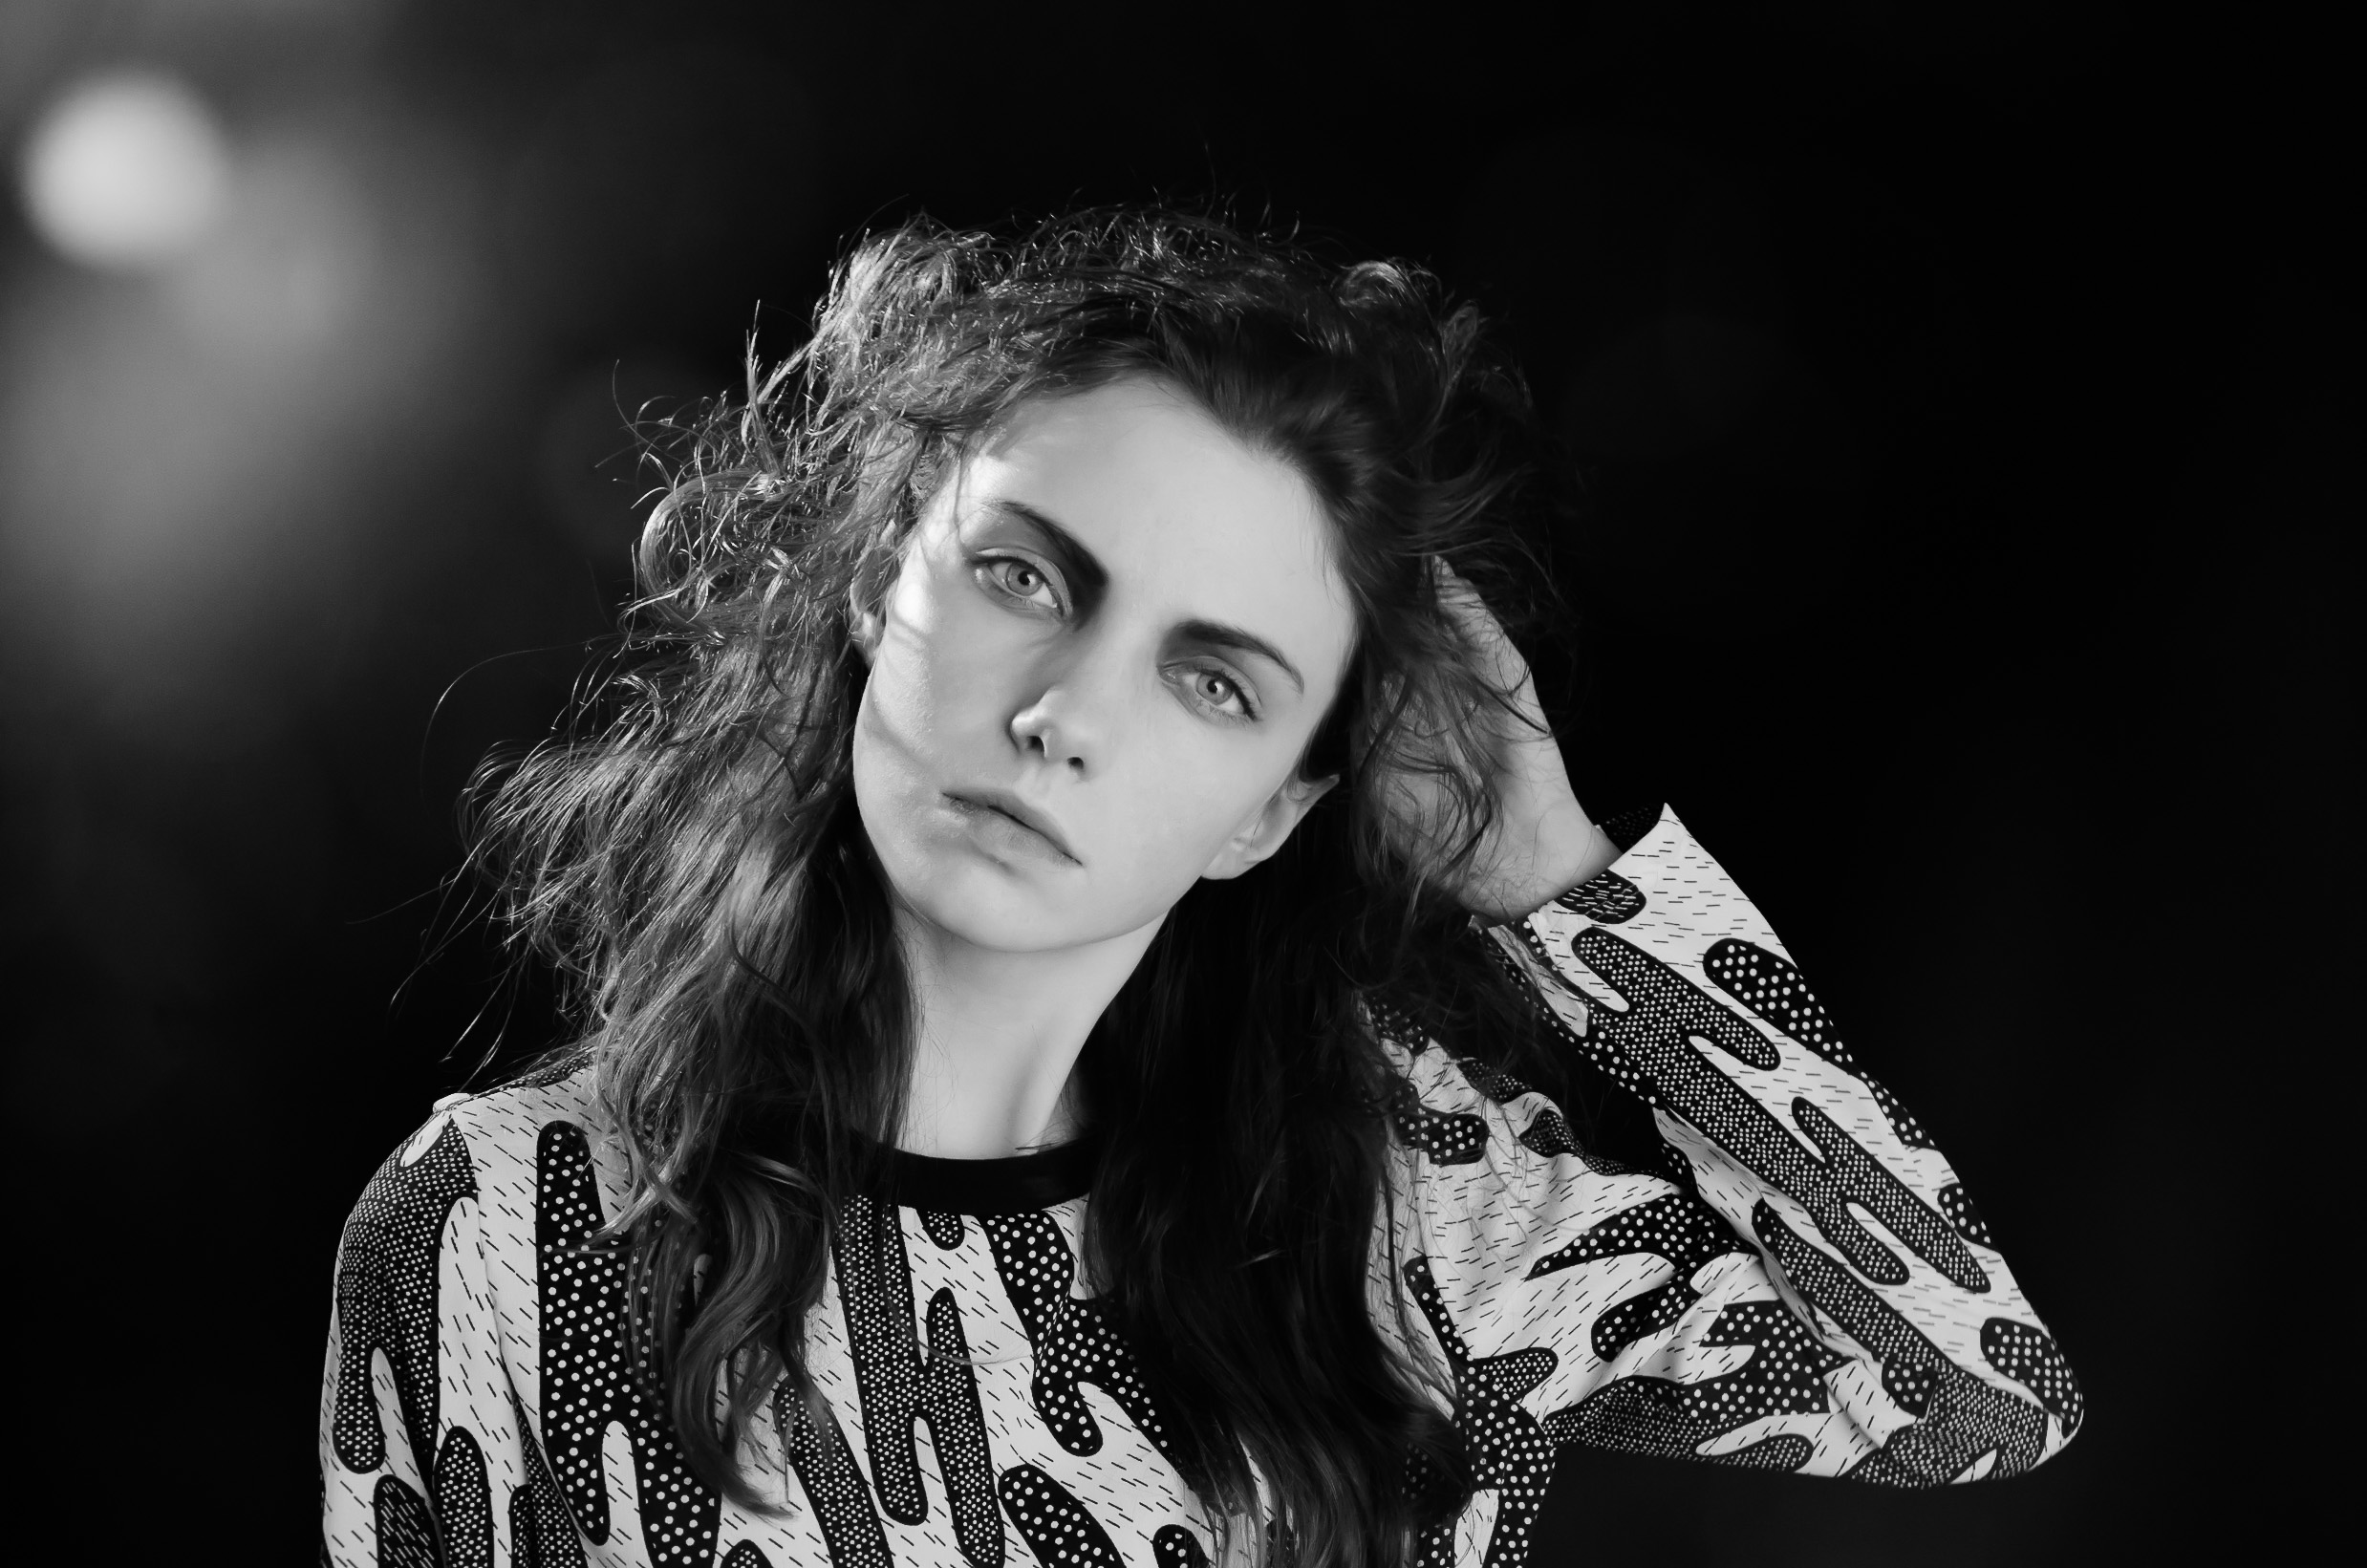 Fotomodell i svartvitt